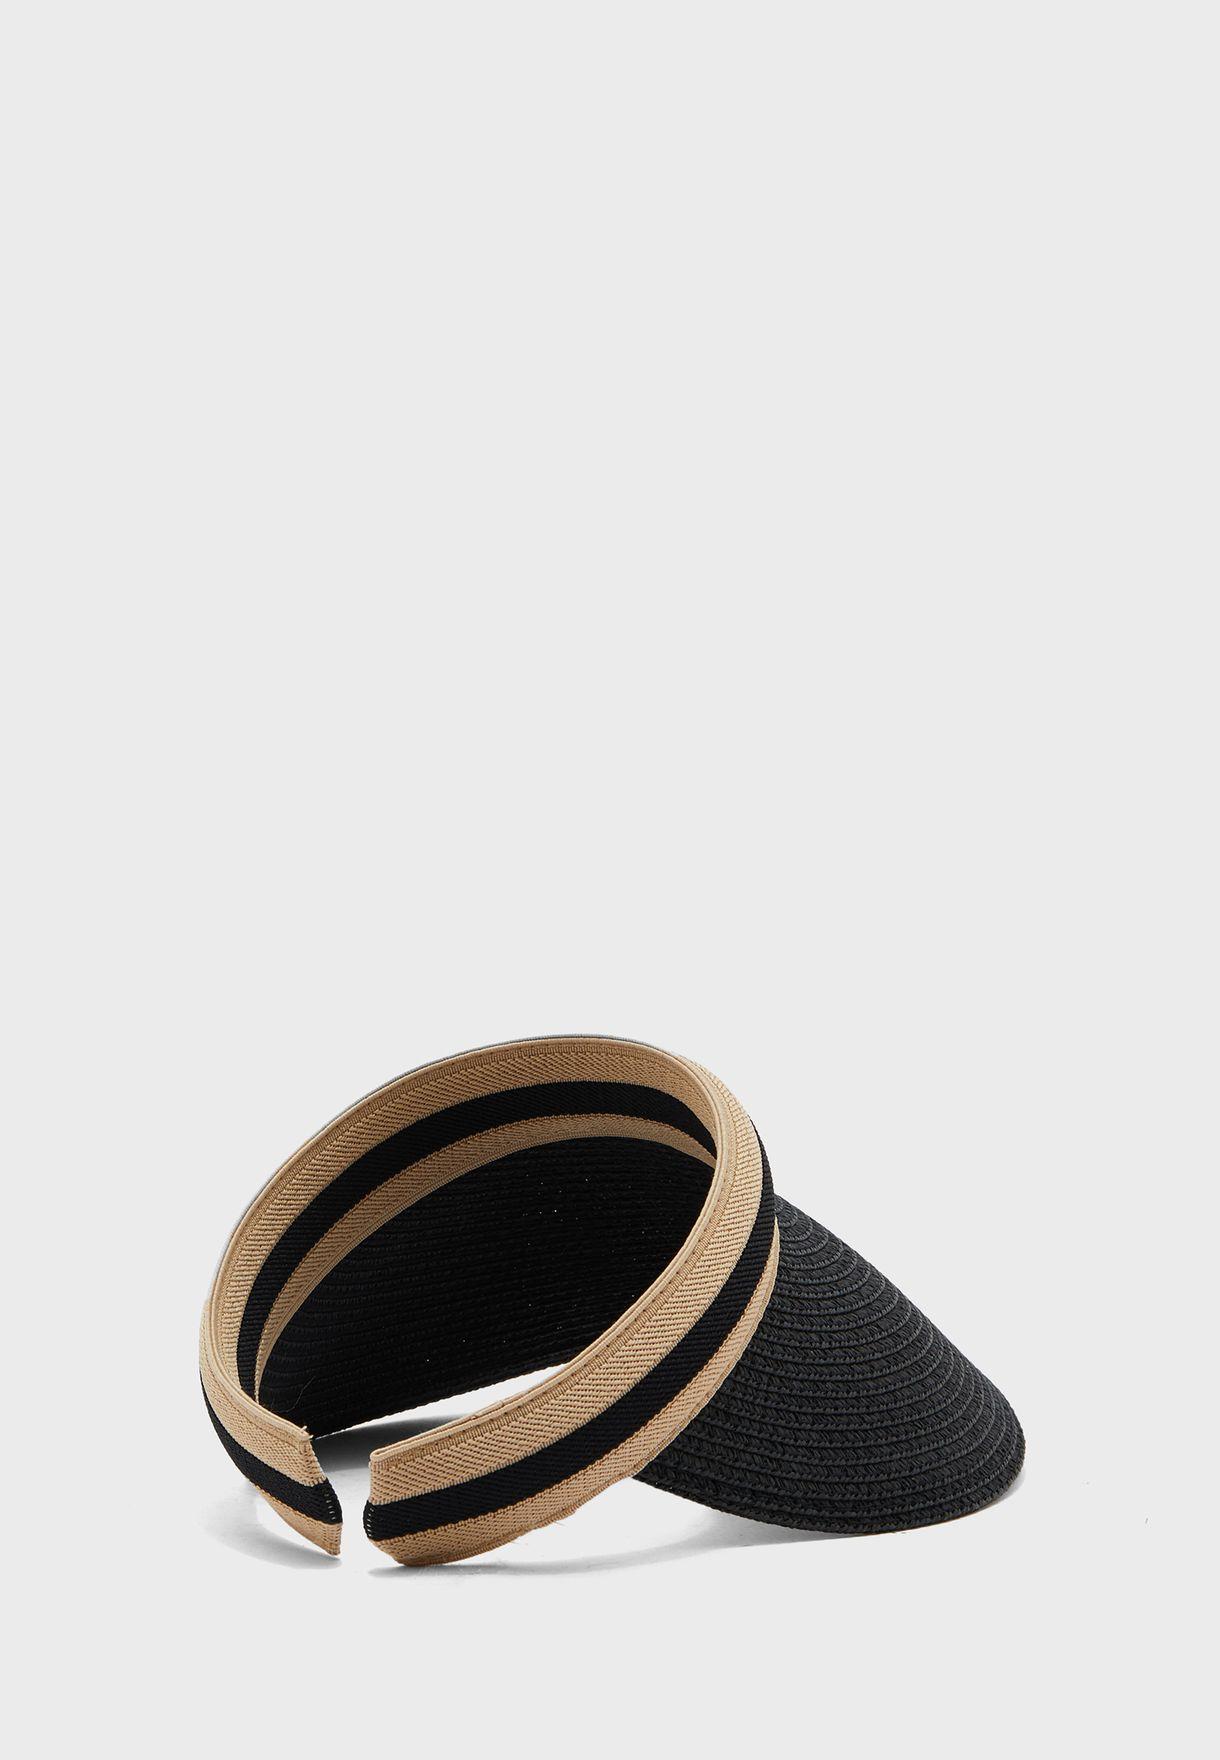 قبعة قش بطباعة خط